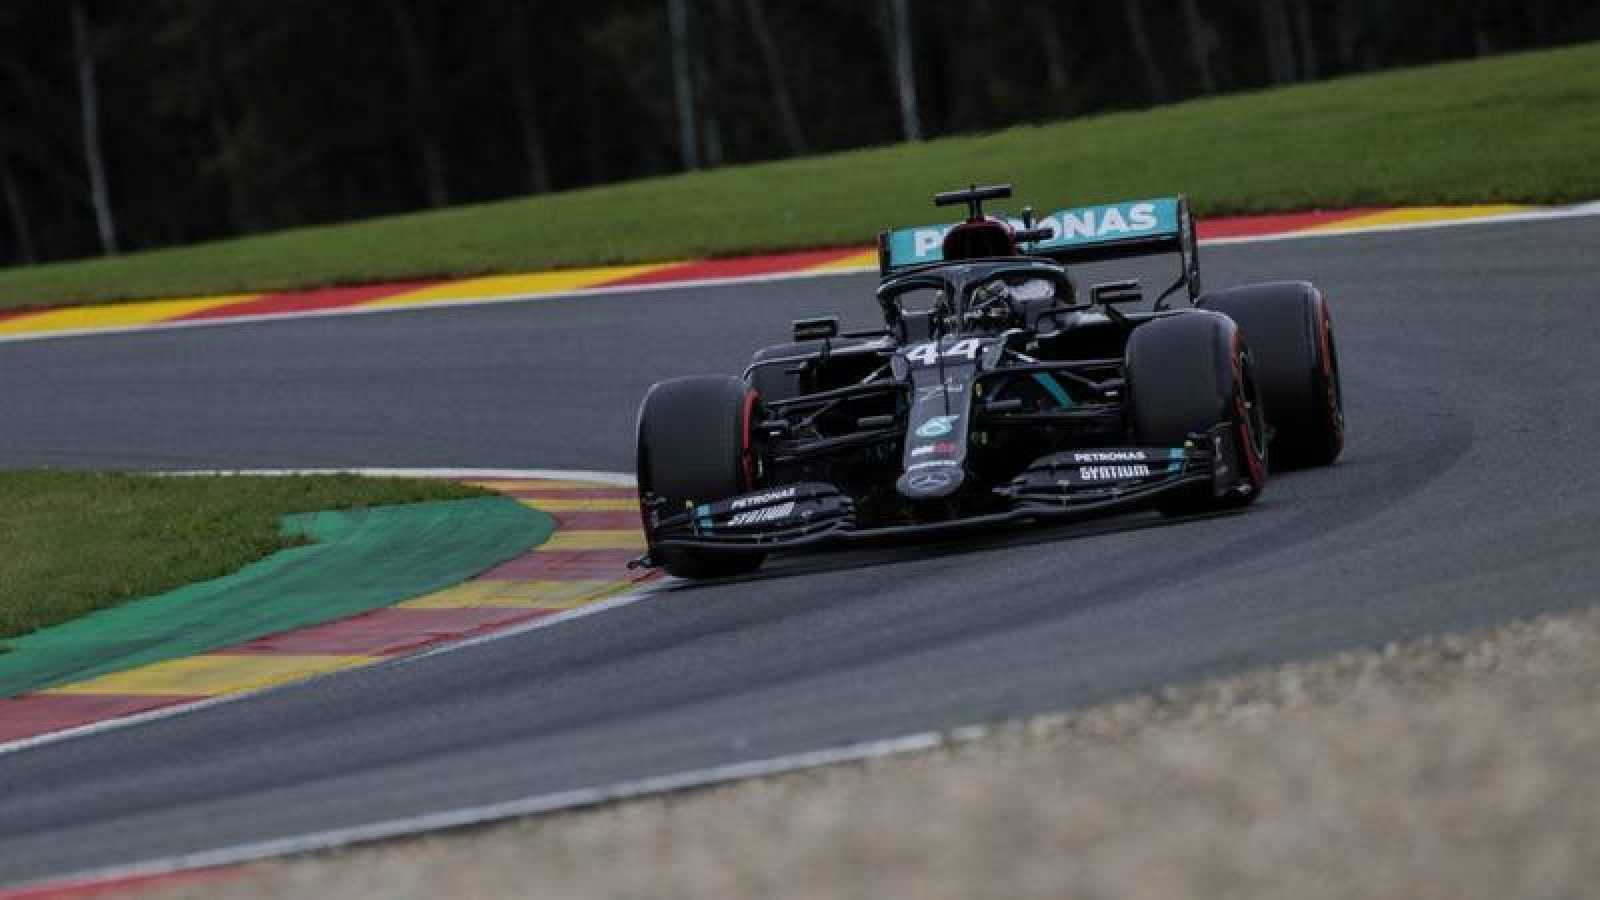 El piloto británico Lewis Hamilton durante el GP de Bélgica de Fórmula 1.